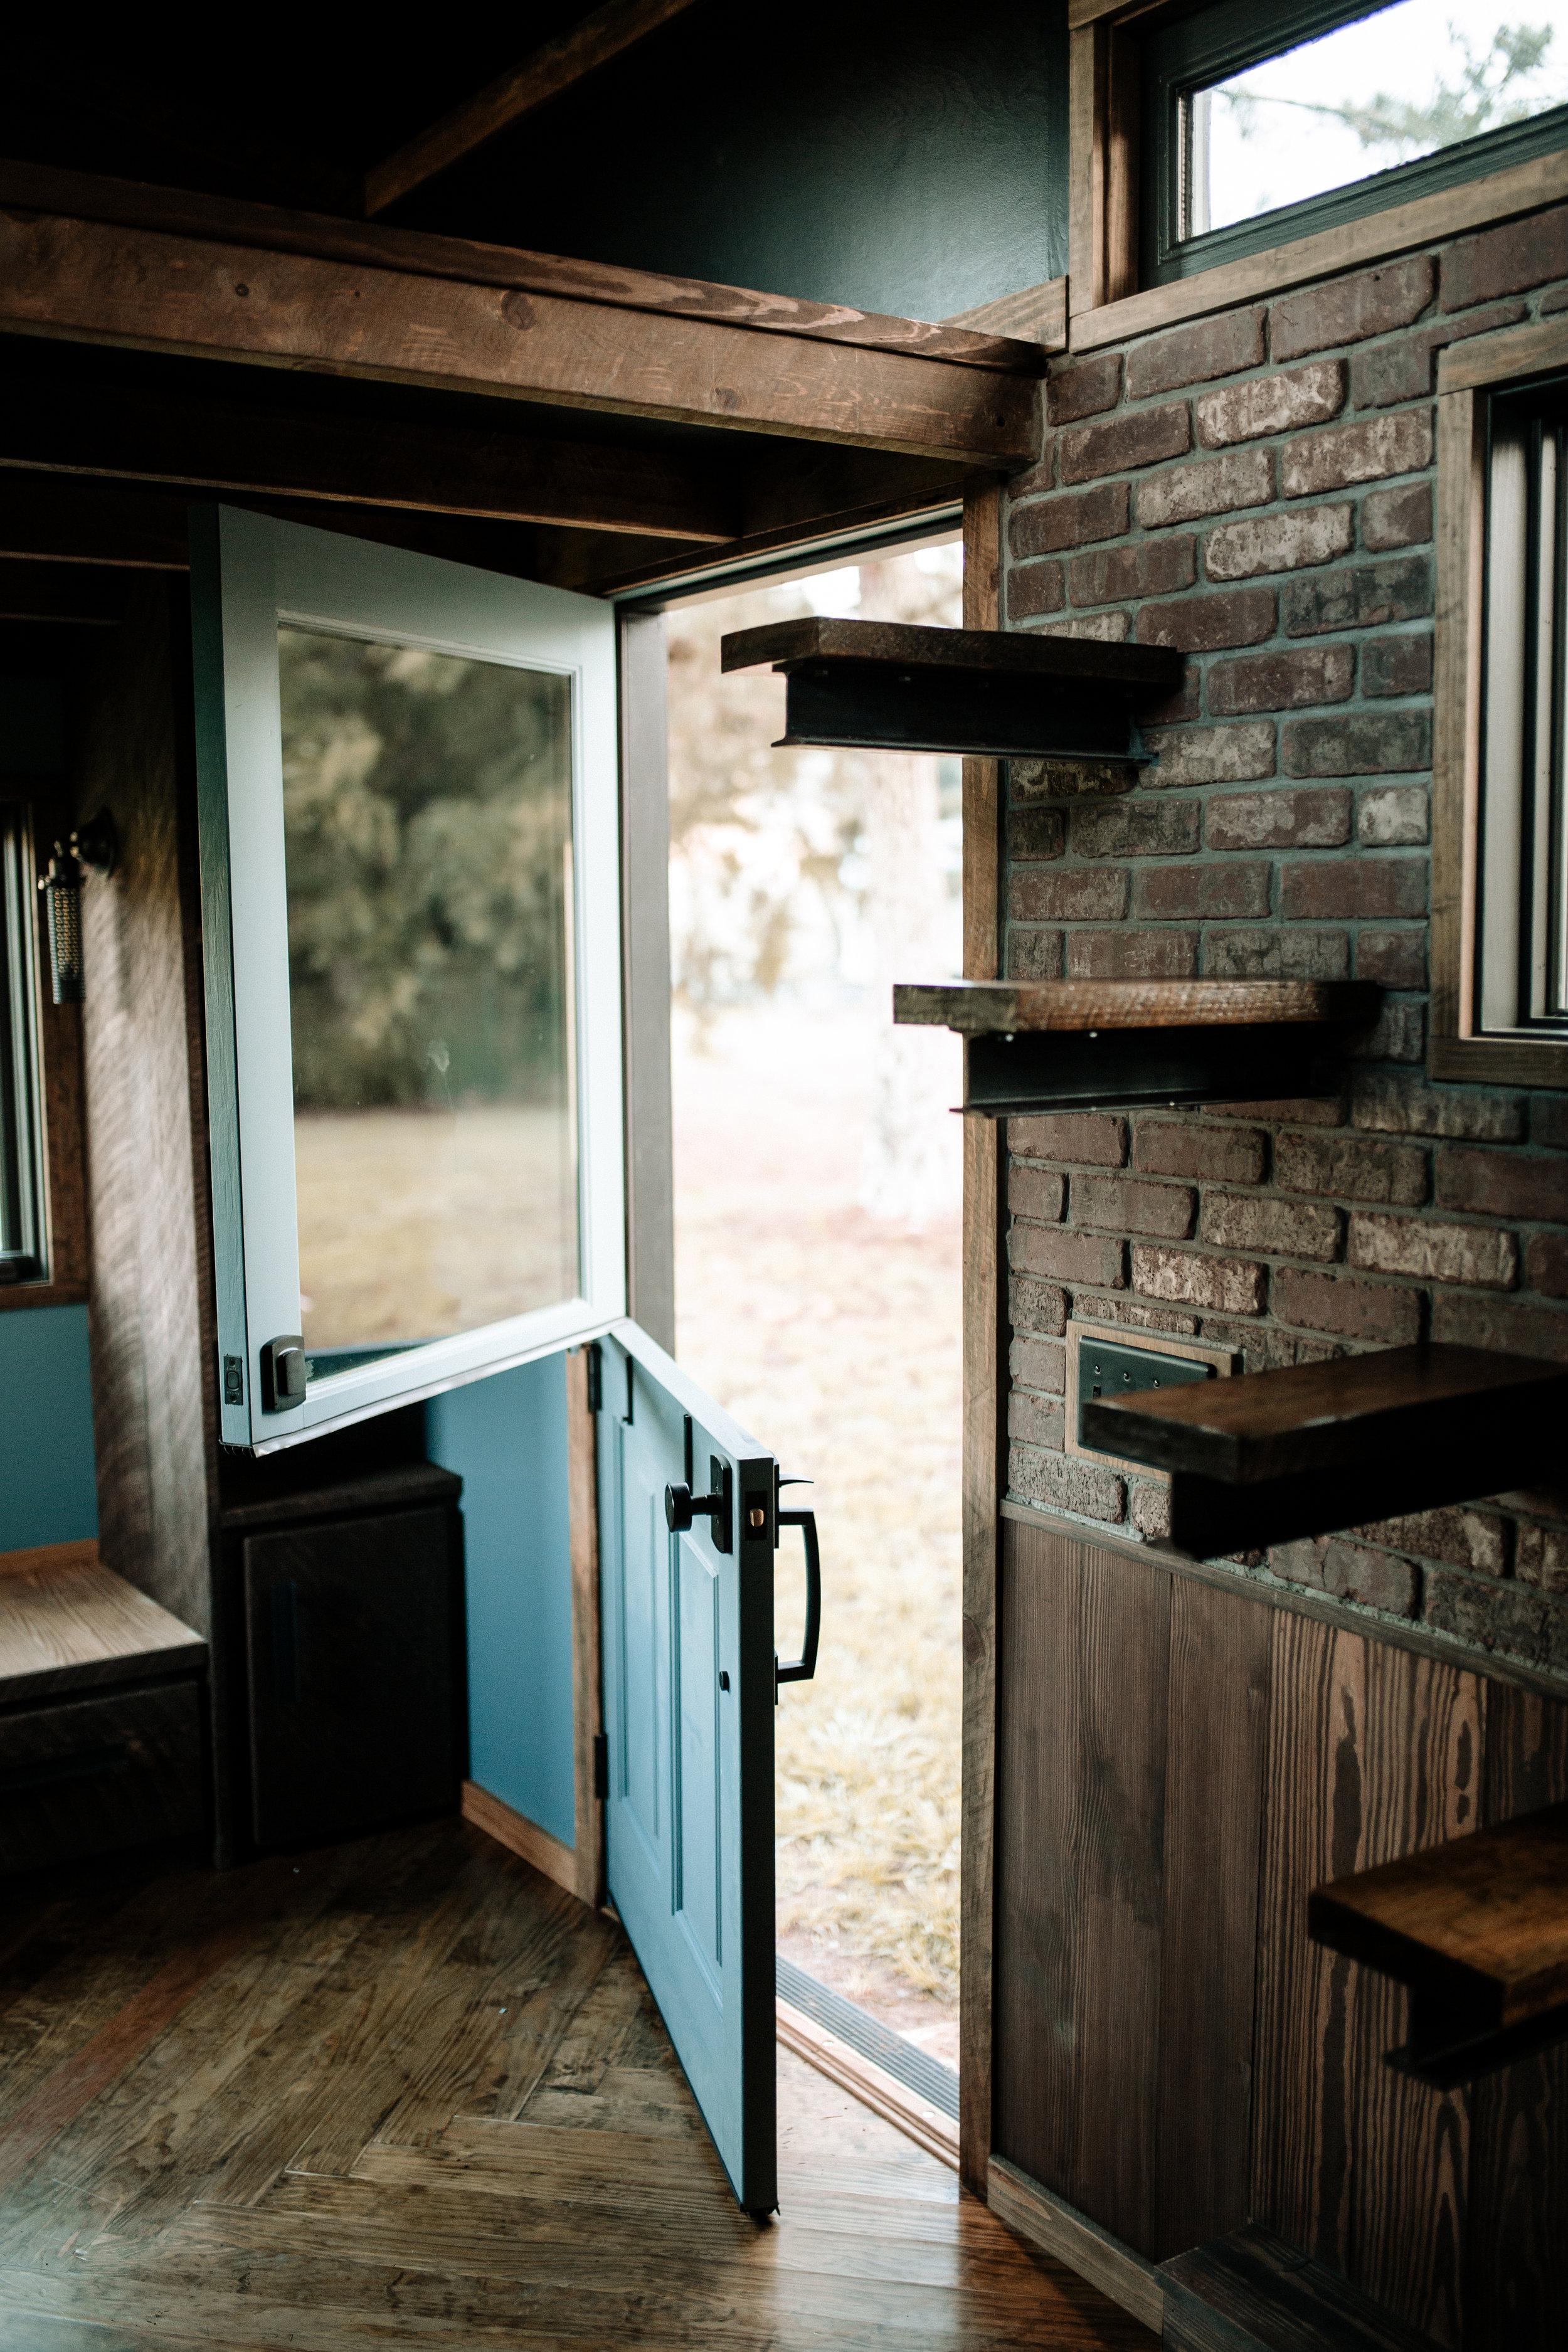 The Rook by Wind River Tiny Homes - Dutch door, floating rebar steps up to loft, herringbone floors, real brick veneer.